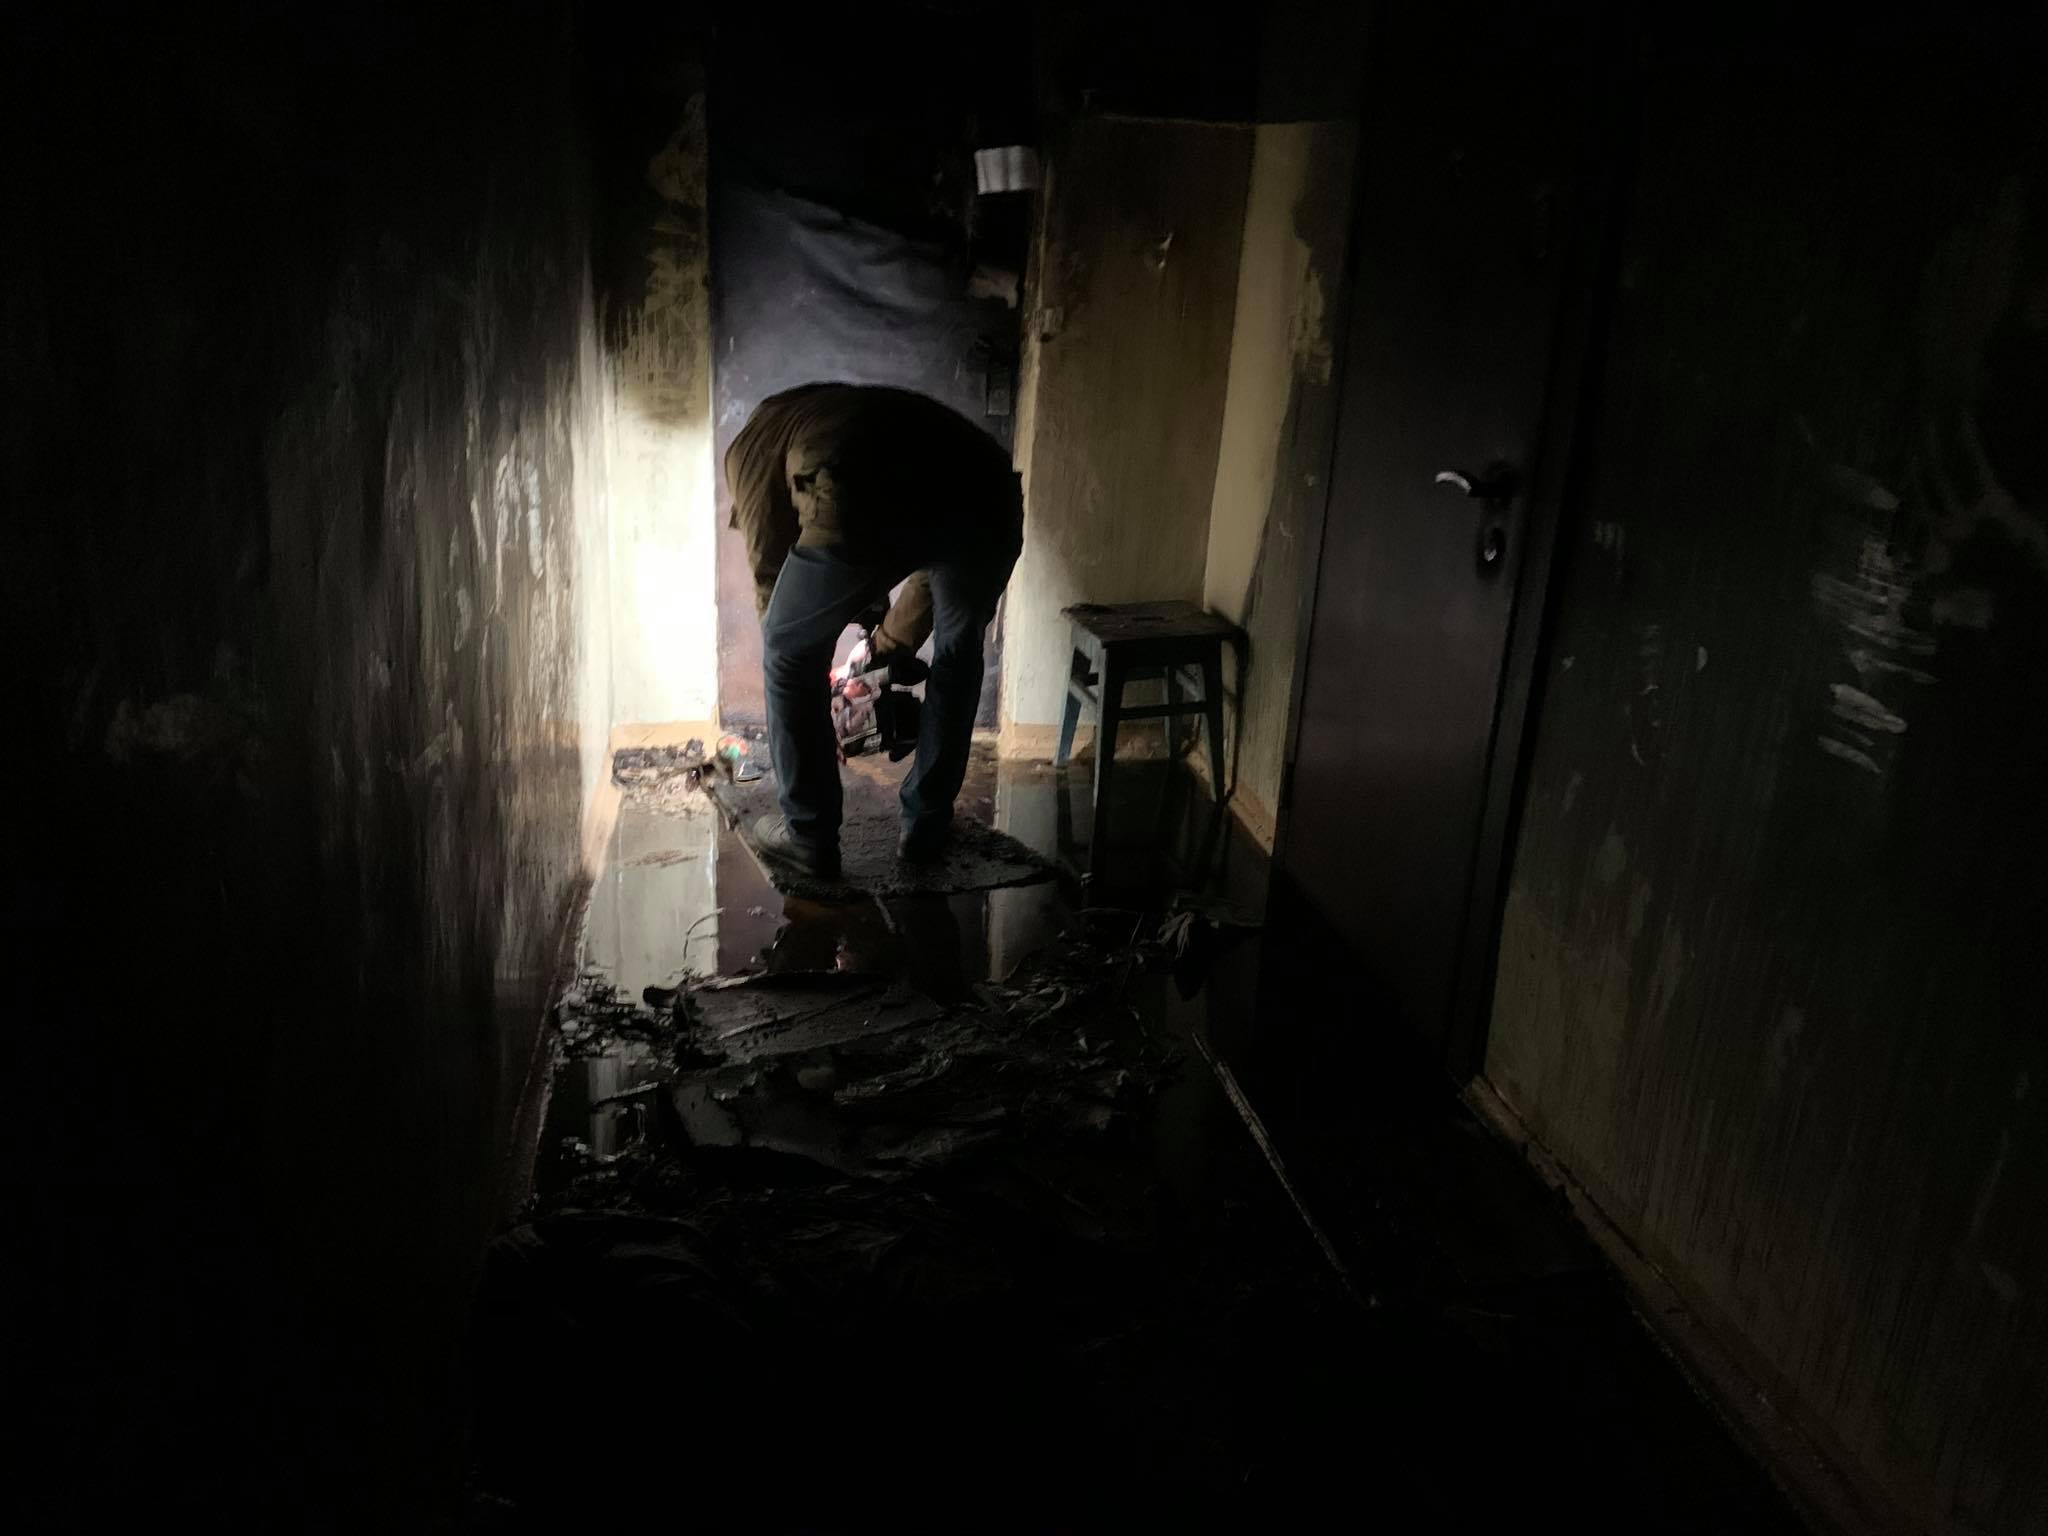 У київській багатоповерхівці згорів заживо чоловік - ФОТО - фото 6